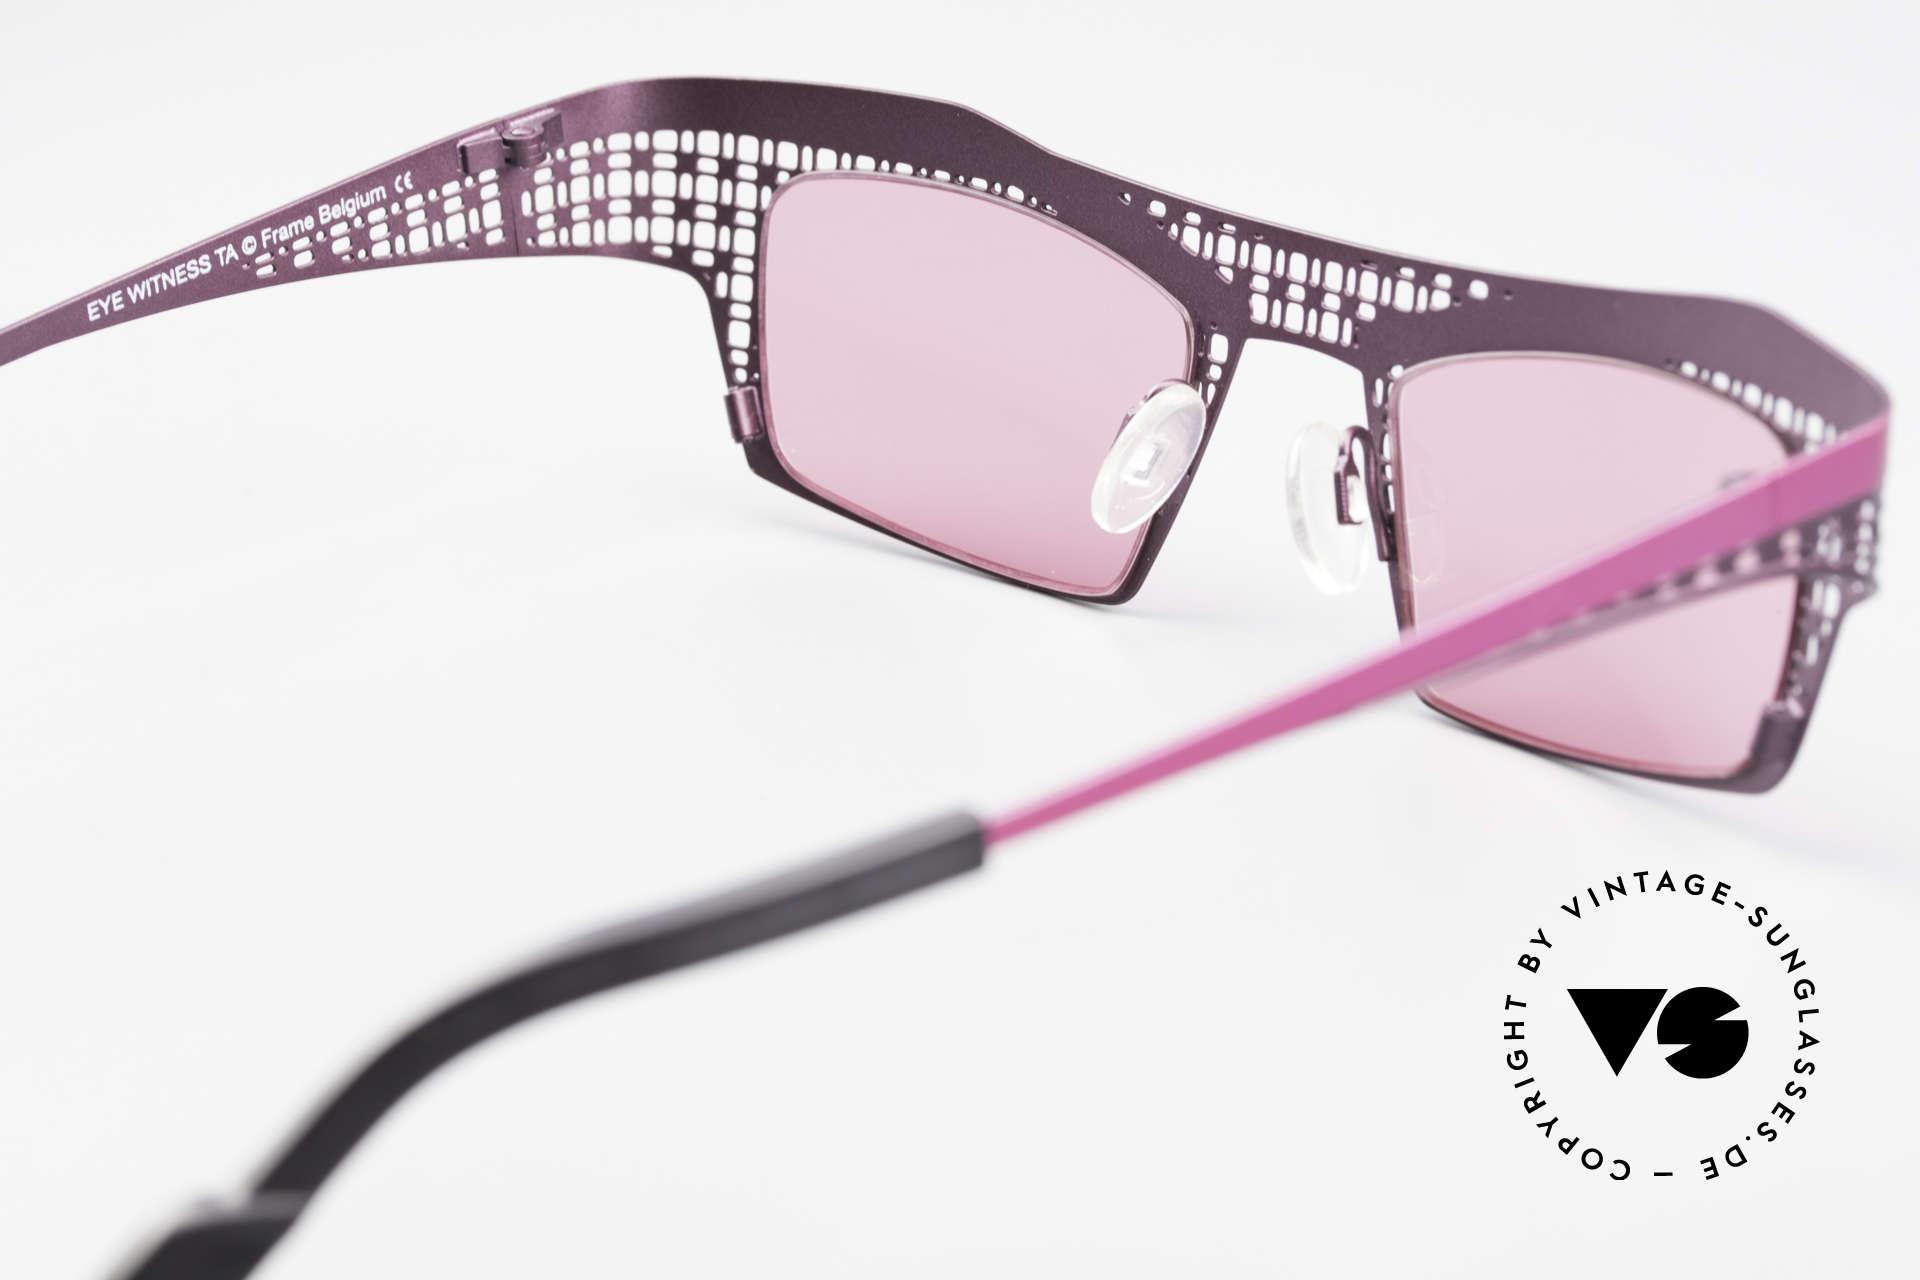 Theo Belgium Eye-Witness TA Avantgarde Sonnenbrille Pink, sozusagen: vintage Brillenfassung mit Symbol-Charakter, Passend für Damen